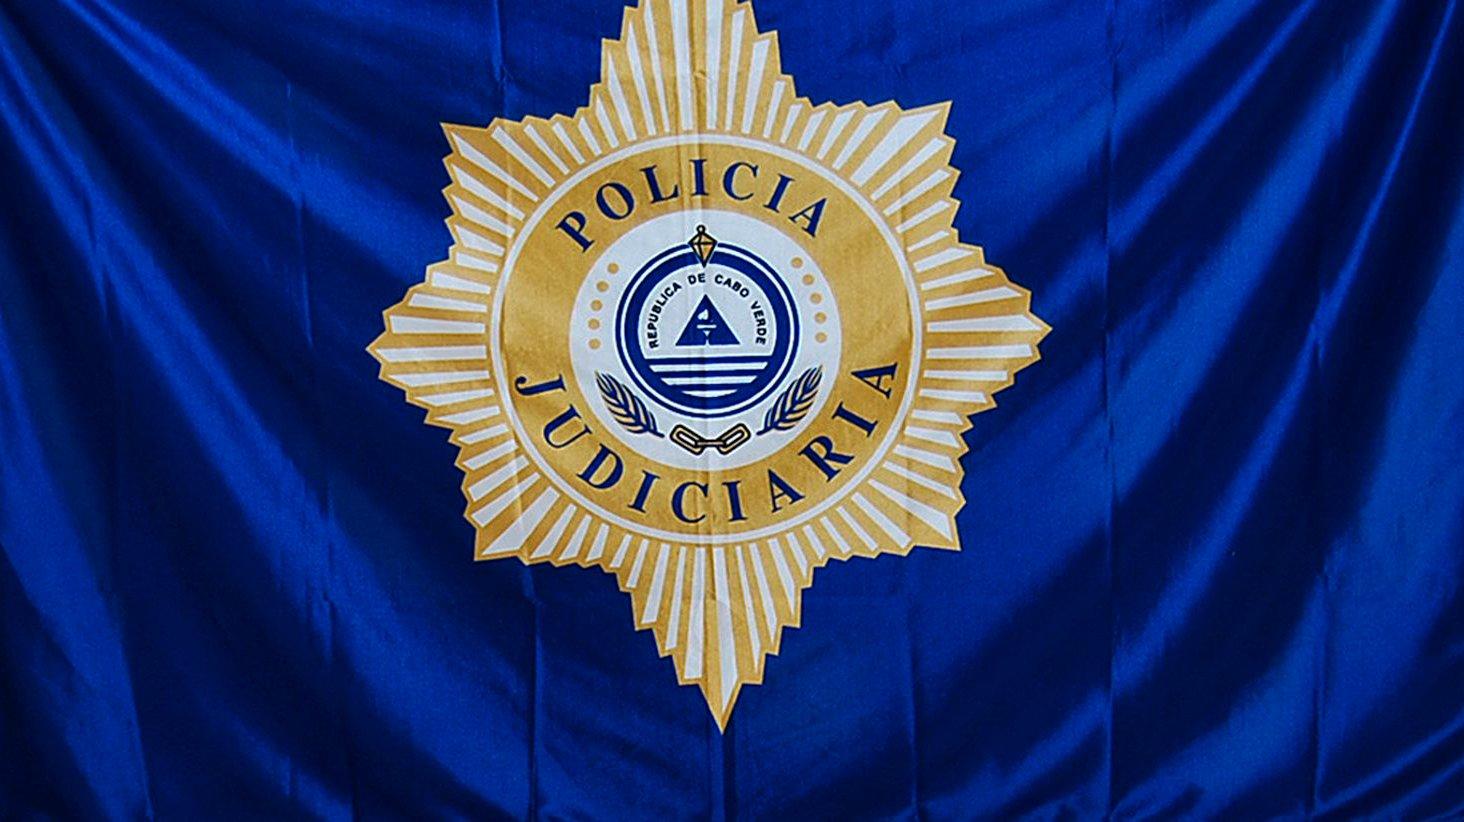 Logo da Polícia Judiciária de Cabo Verde, Cidade da Praia, 12 de outubro de 2011.  LUSA